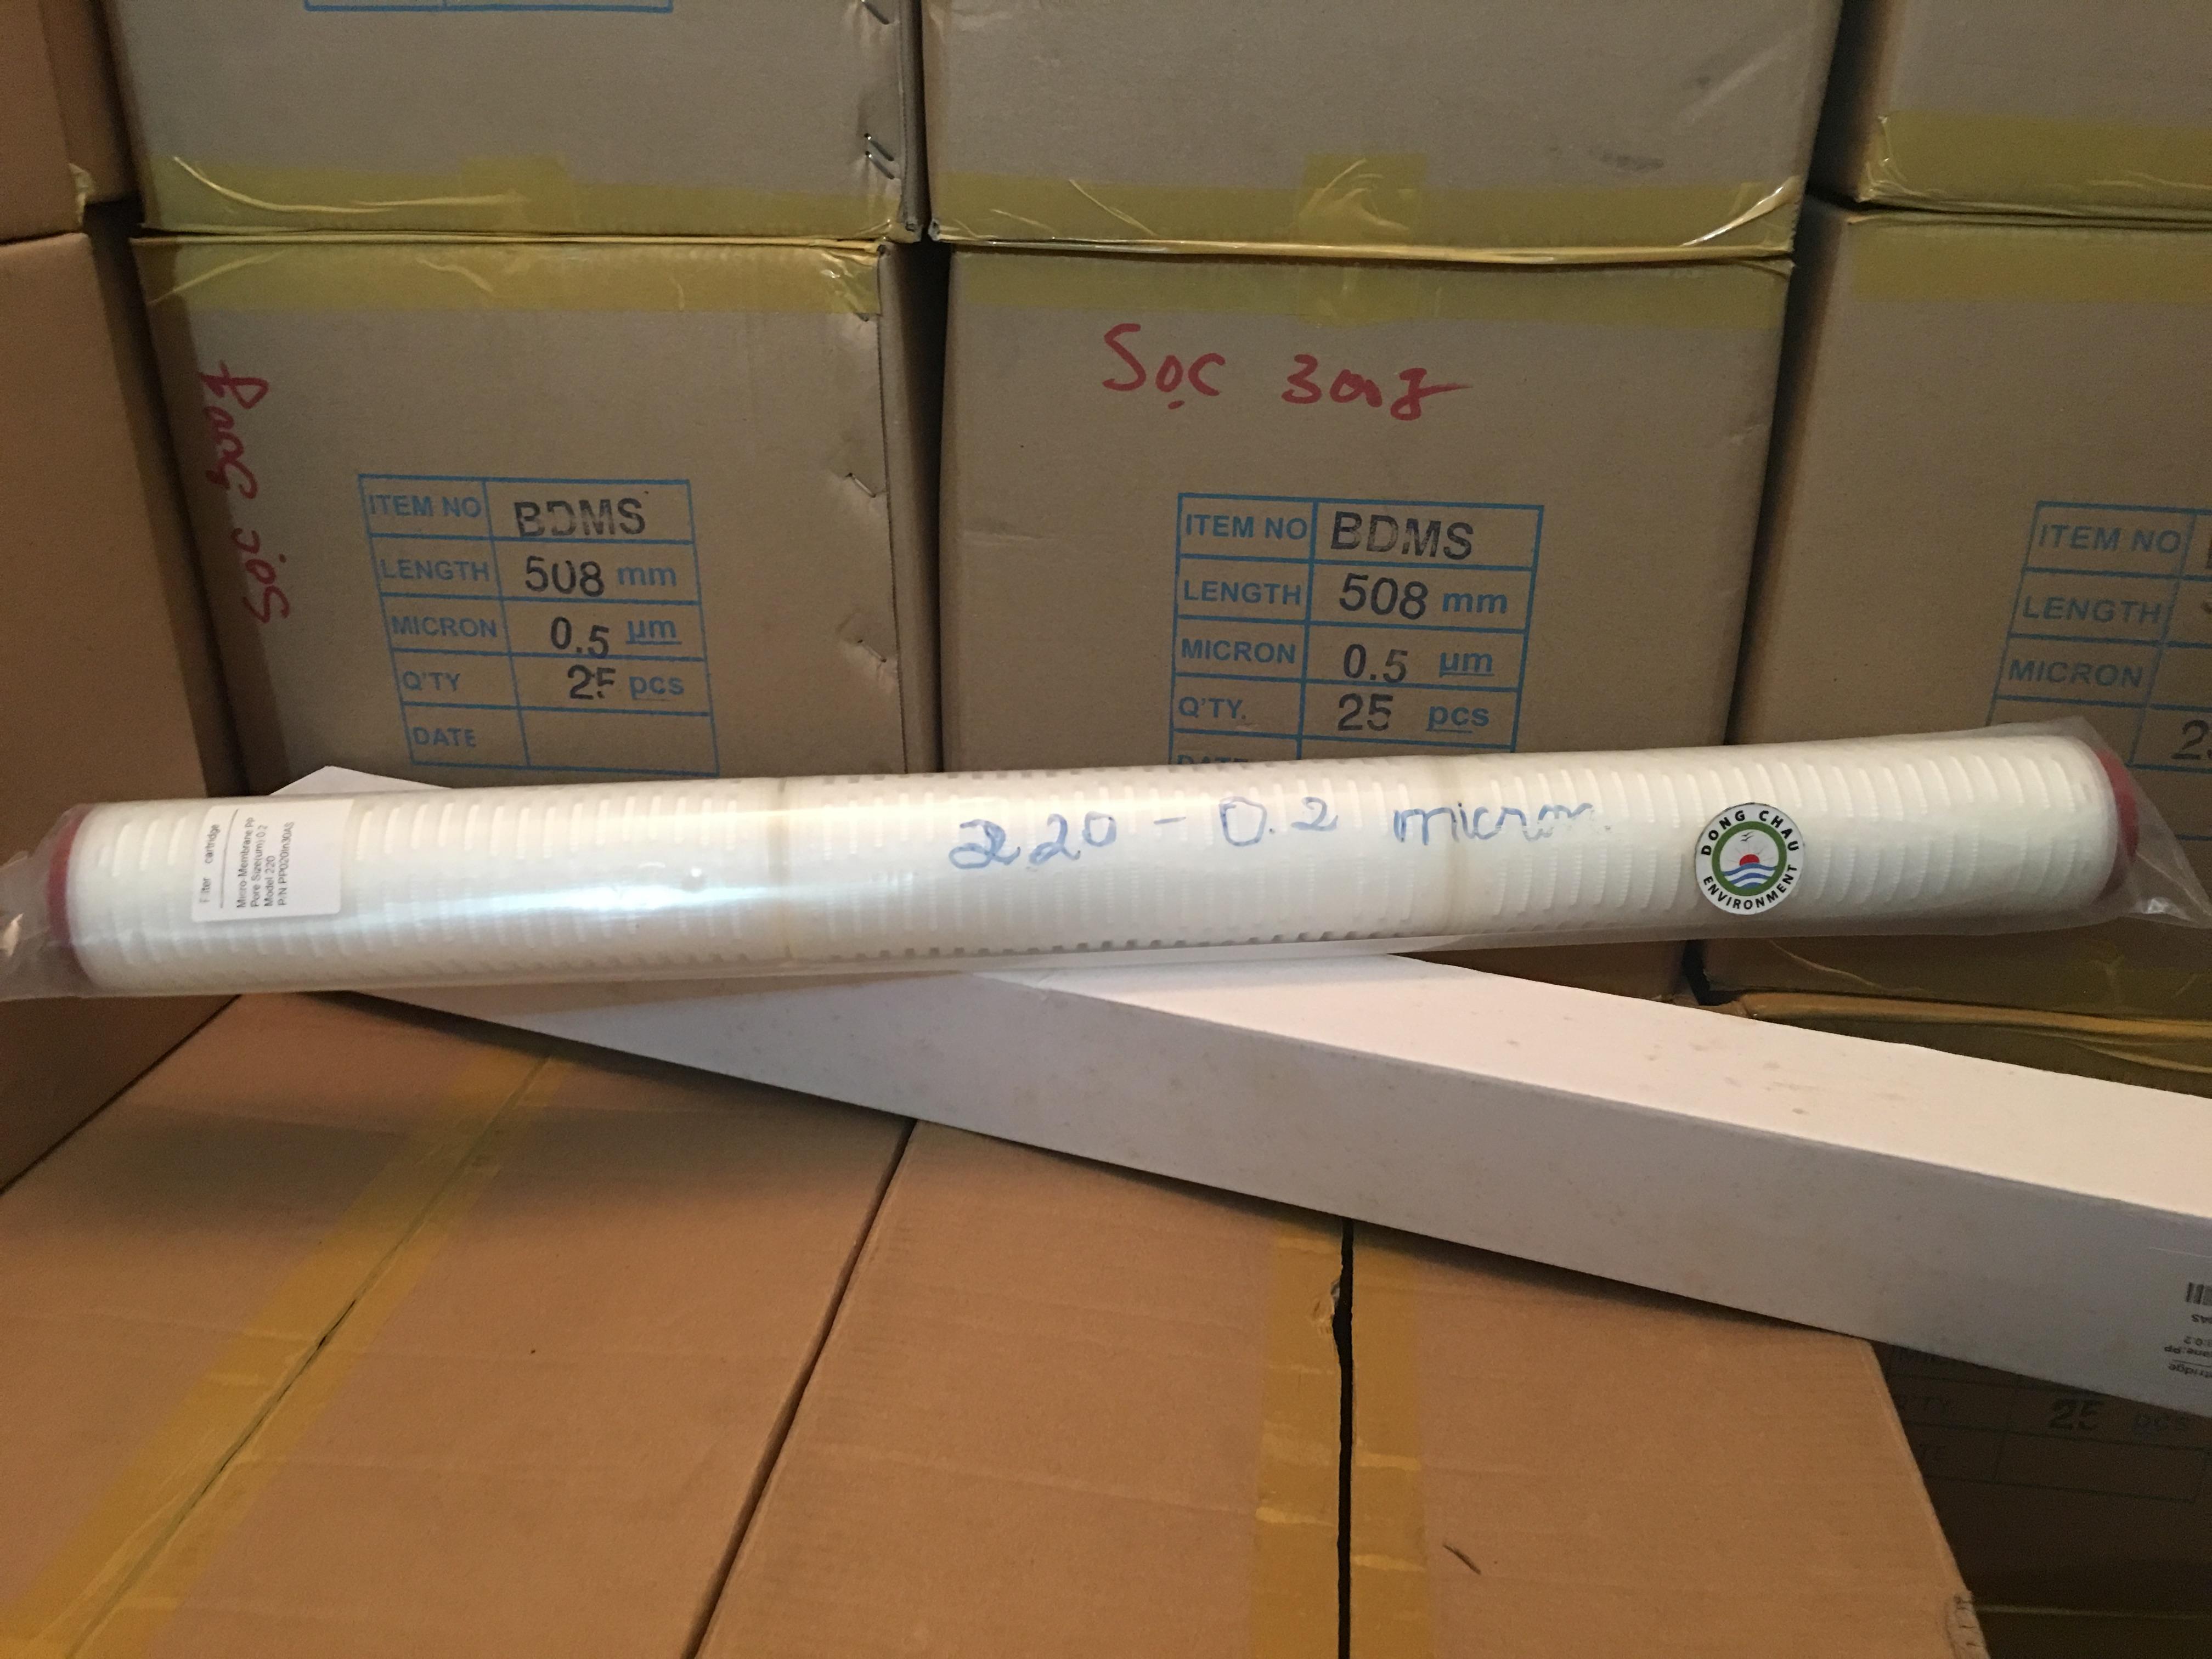 Lõi lọc giấy xếp 0.2 micron 30 inch oring 220